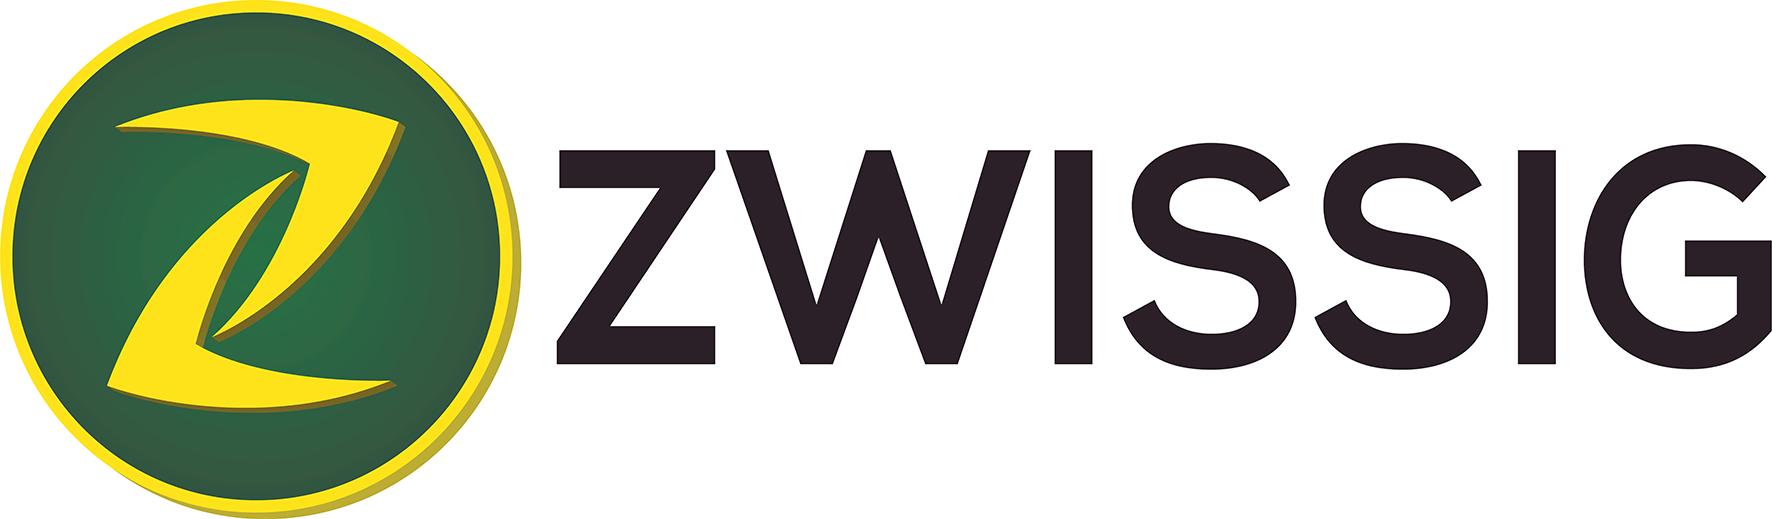 Zwissig Logo